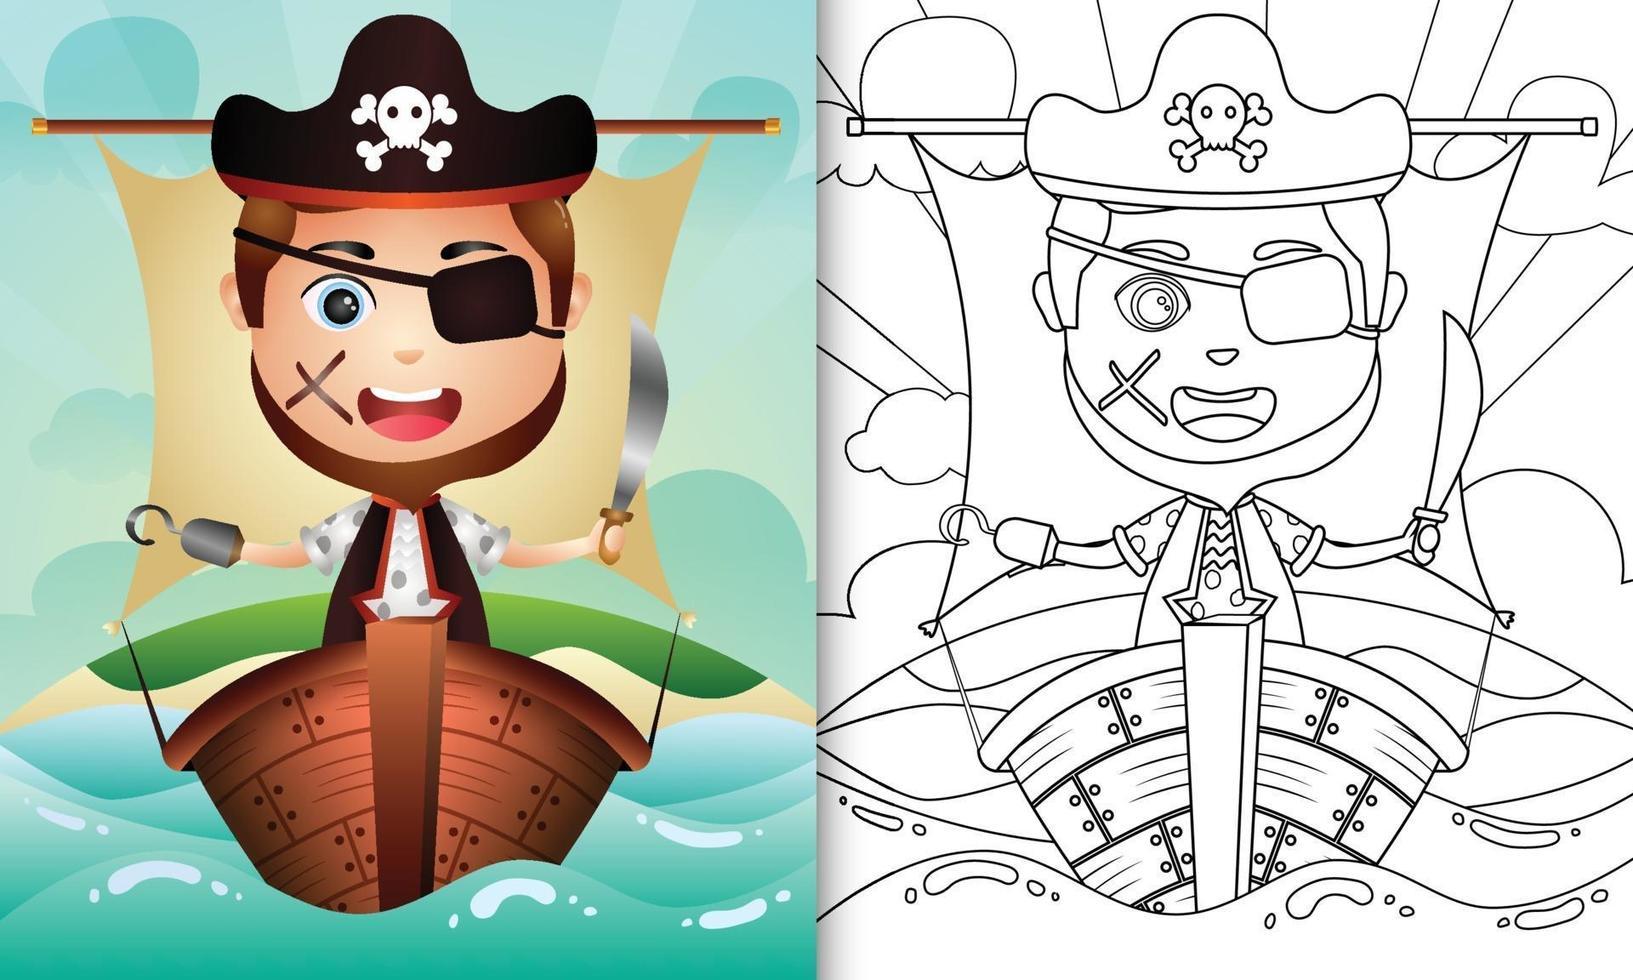 kleurboek voor kinderen met een schattige piratenjongen karakter illustratie vector